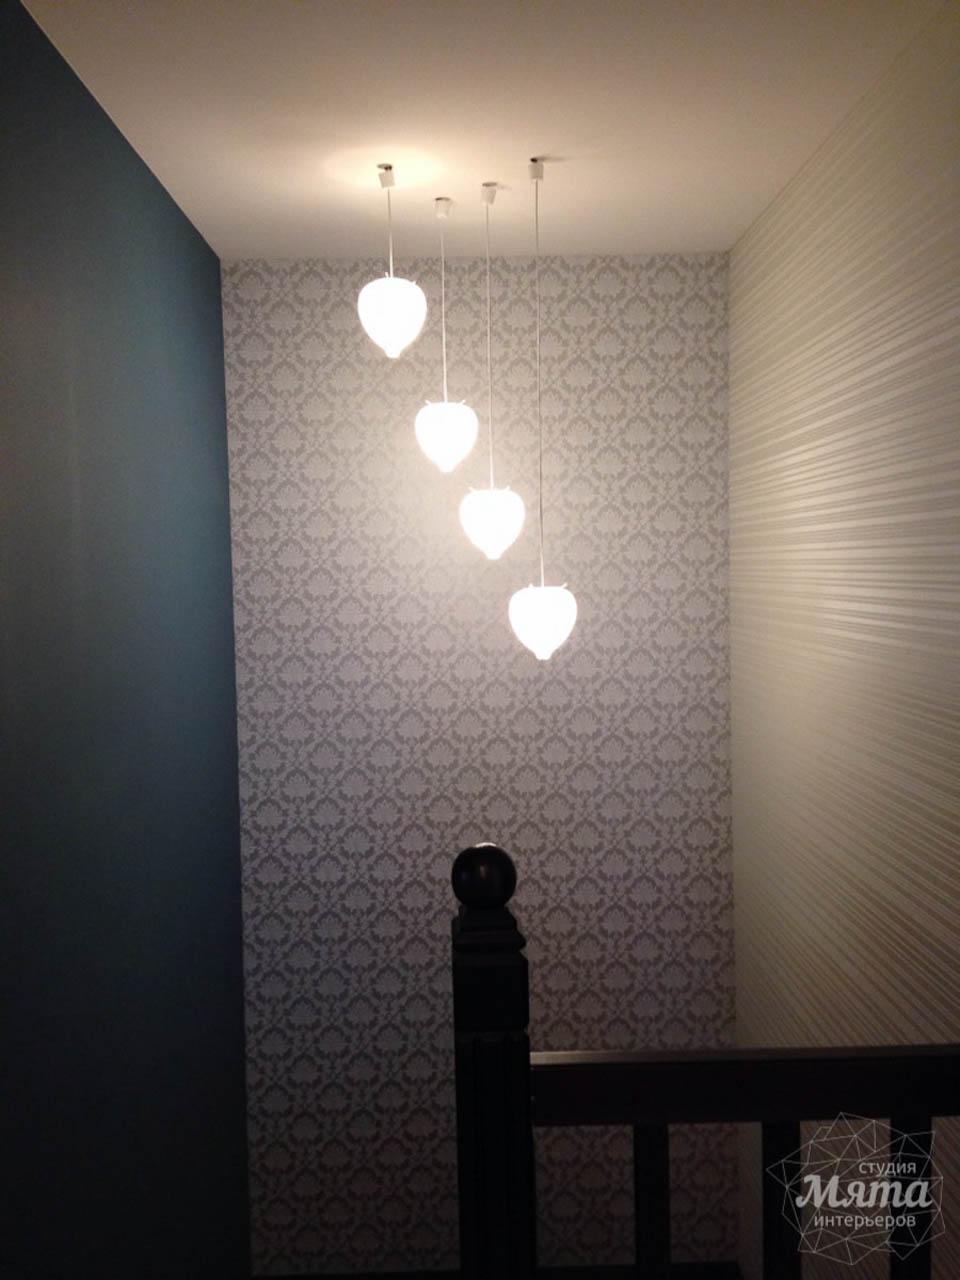 Дизайн проект интерьера коттеджа  в стиле минимализм по ул. Барвинка 15 20